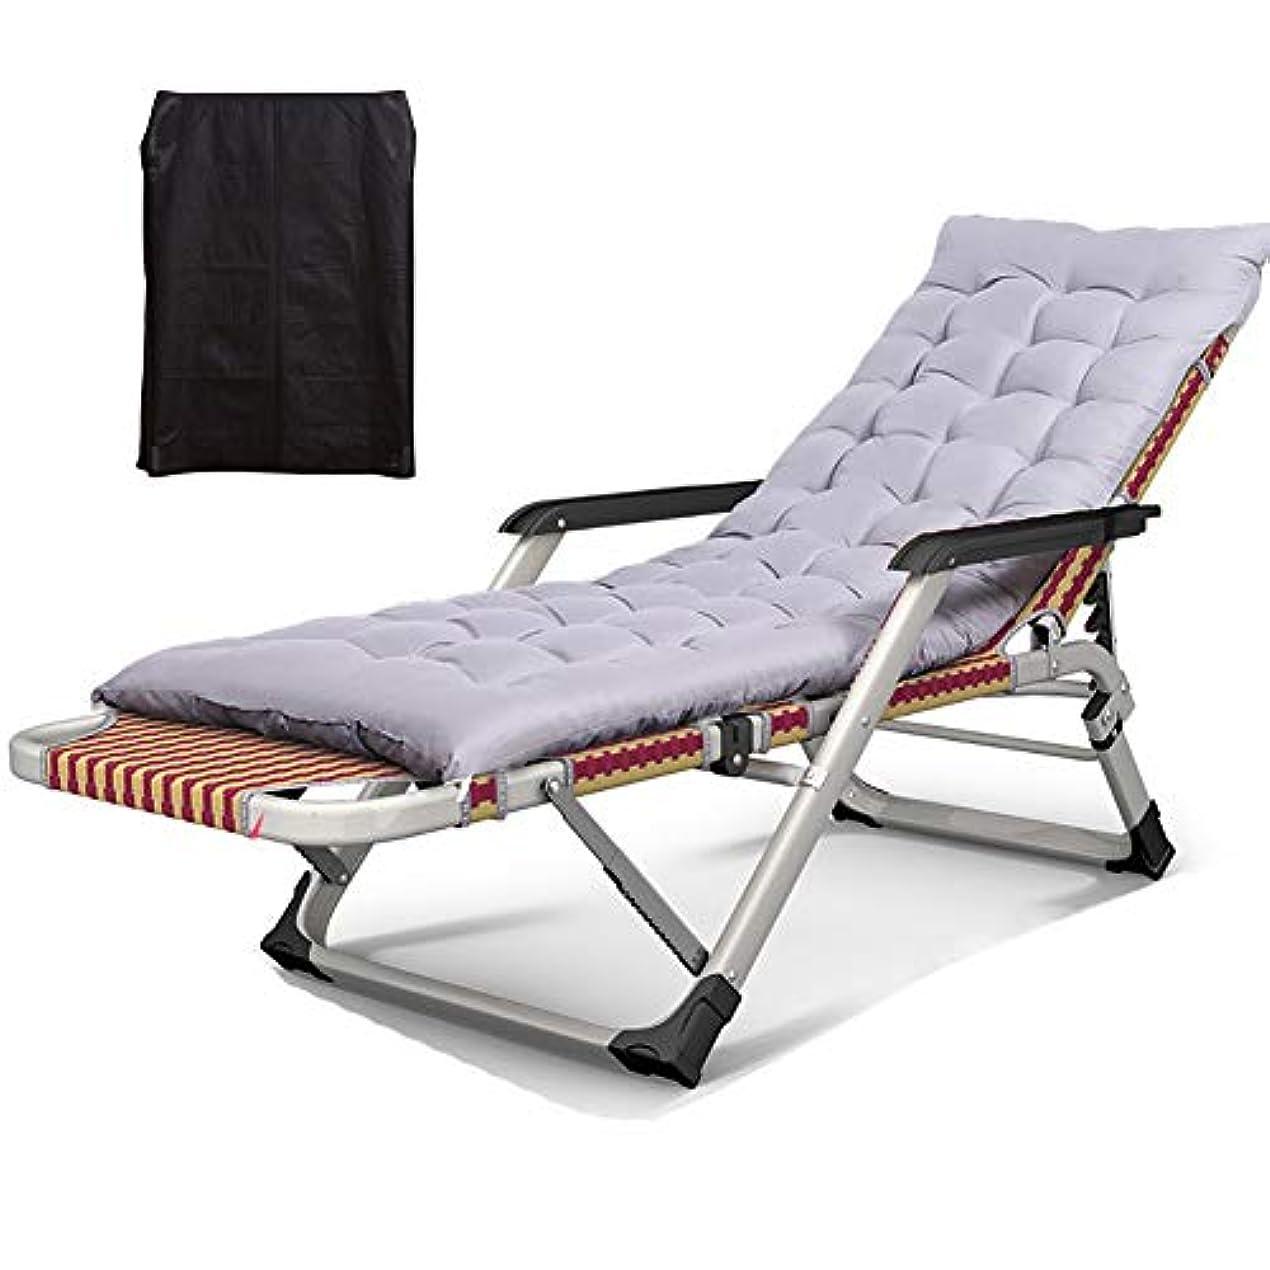 ガーデンラウンジチェア長椅子、室内用屋外折りたたみ式エクストラストロングシングルベッド、400ポンドをサポート